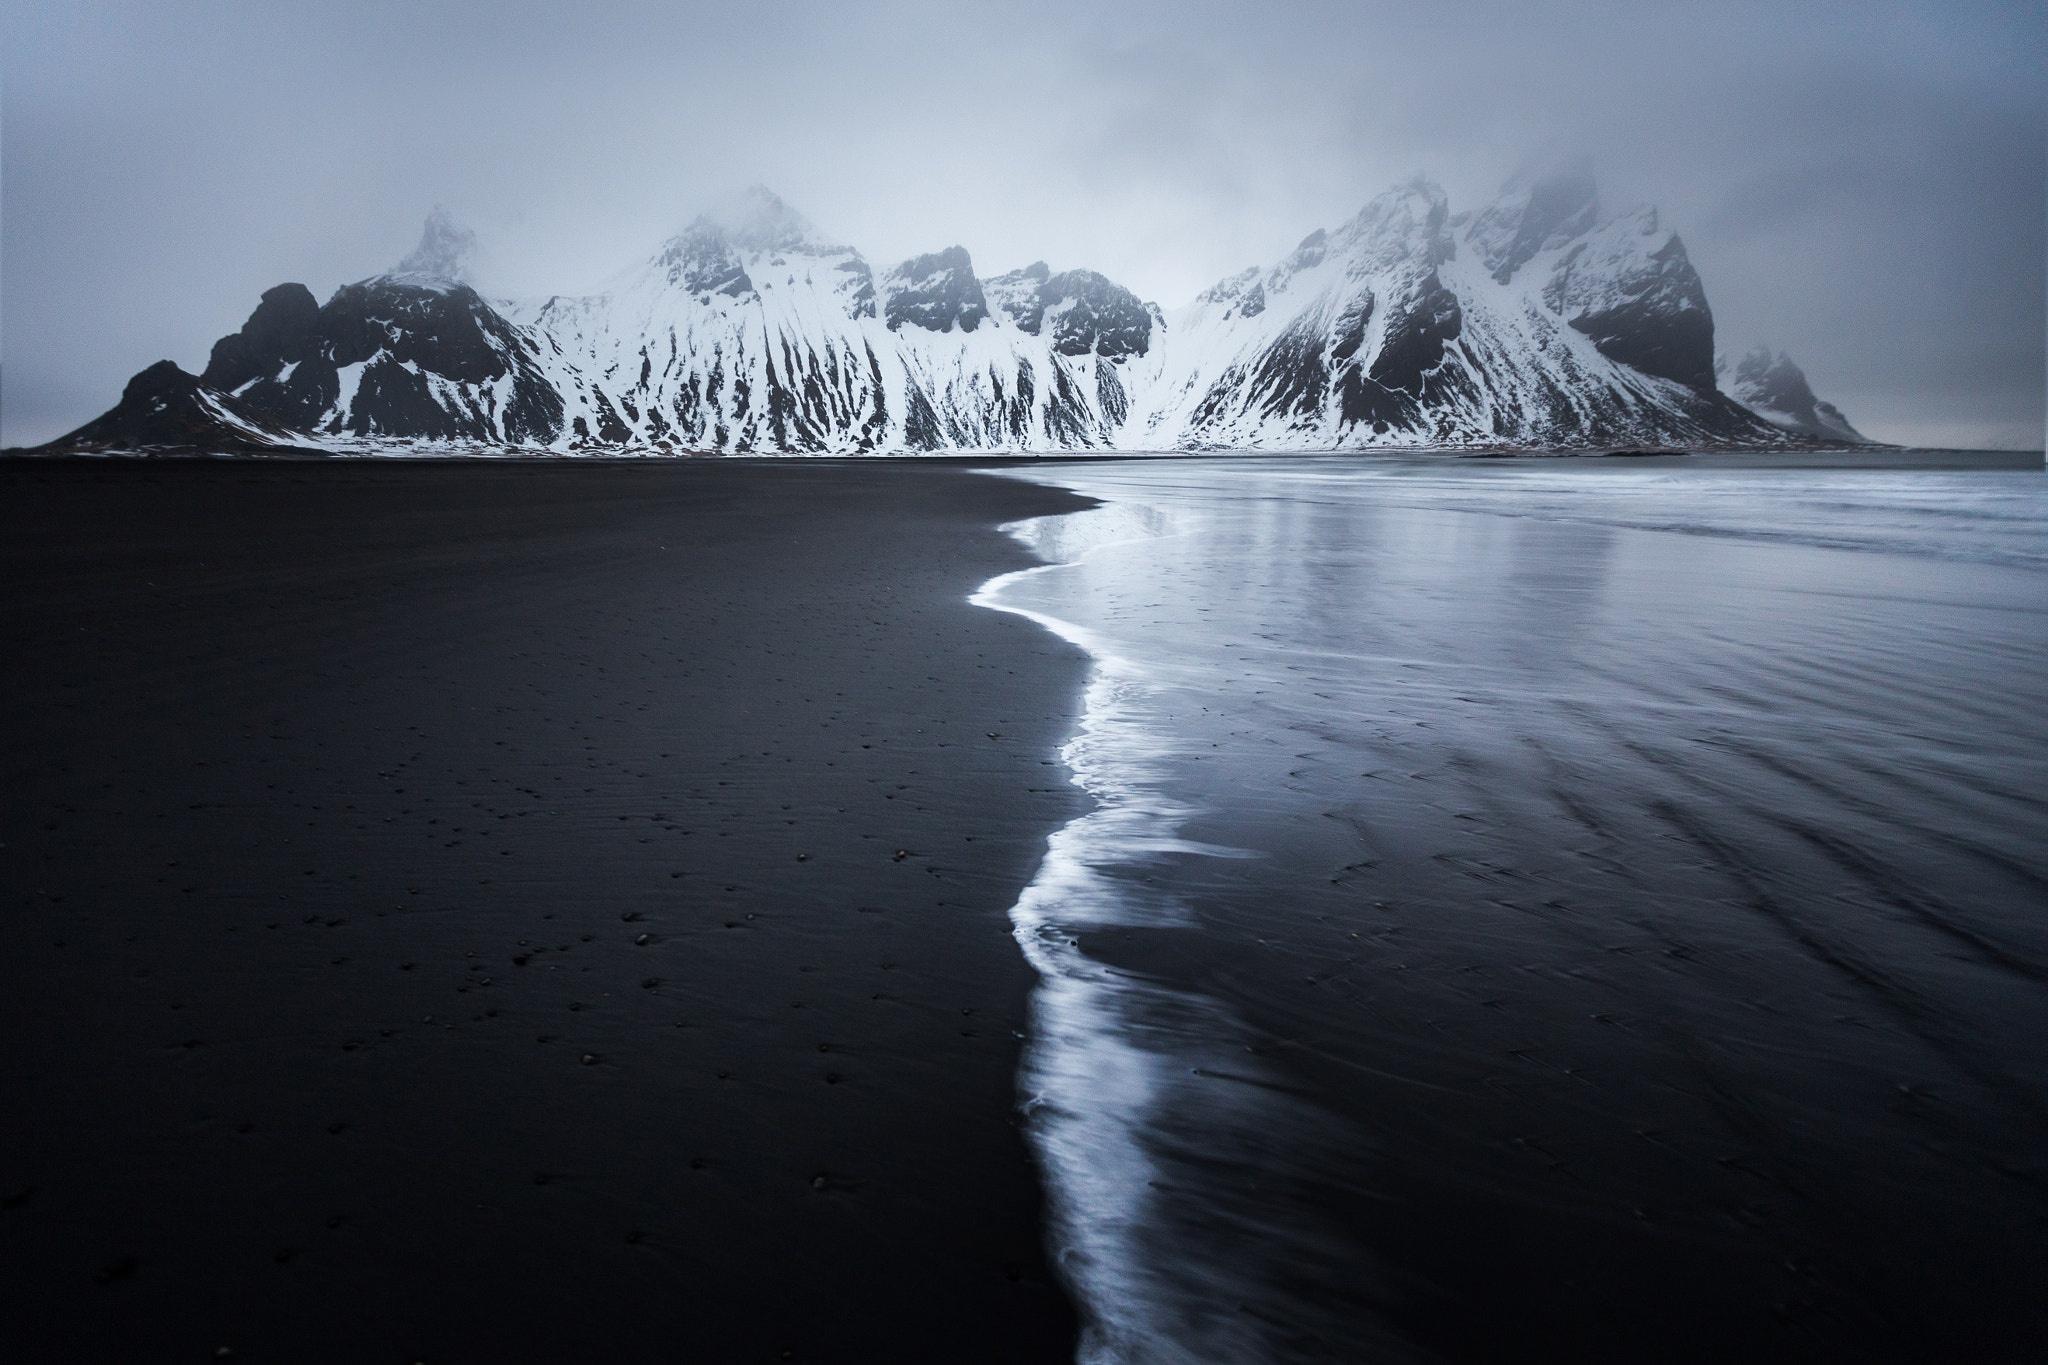 Fondos de pantalla Playa montañas en invierno